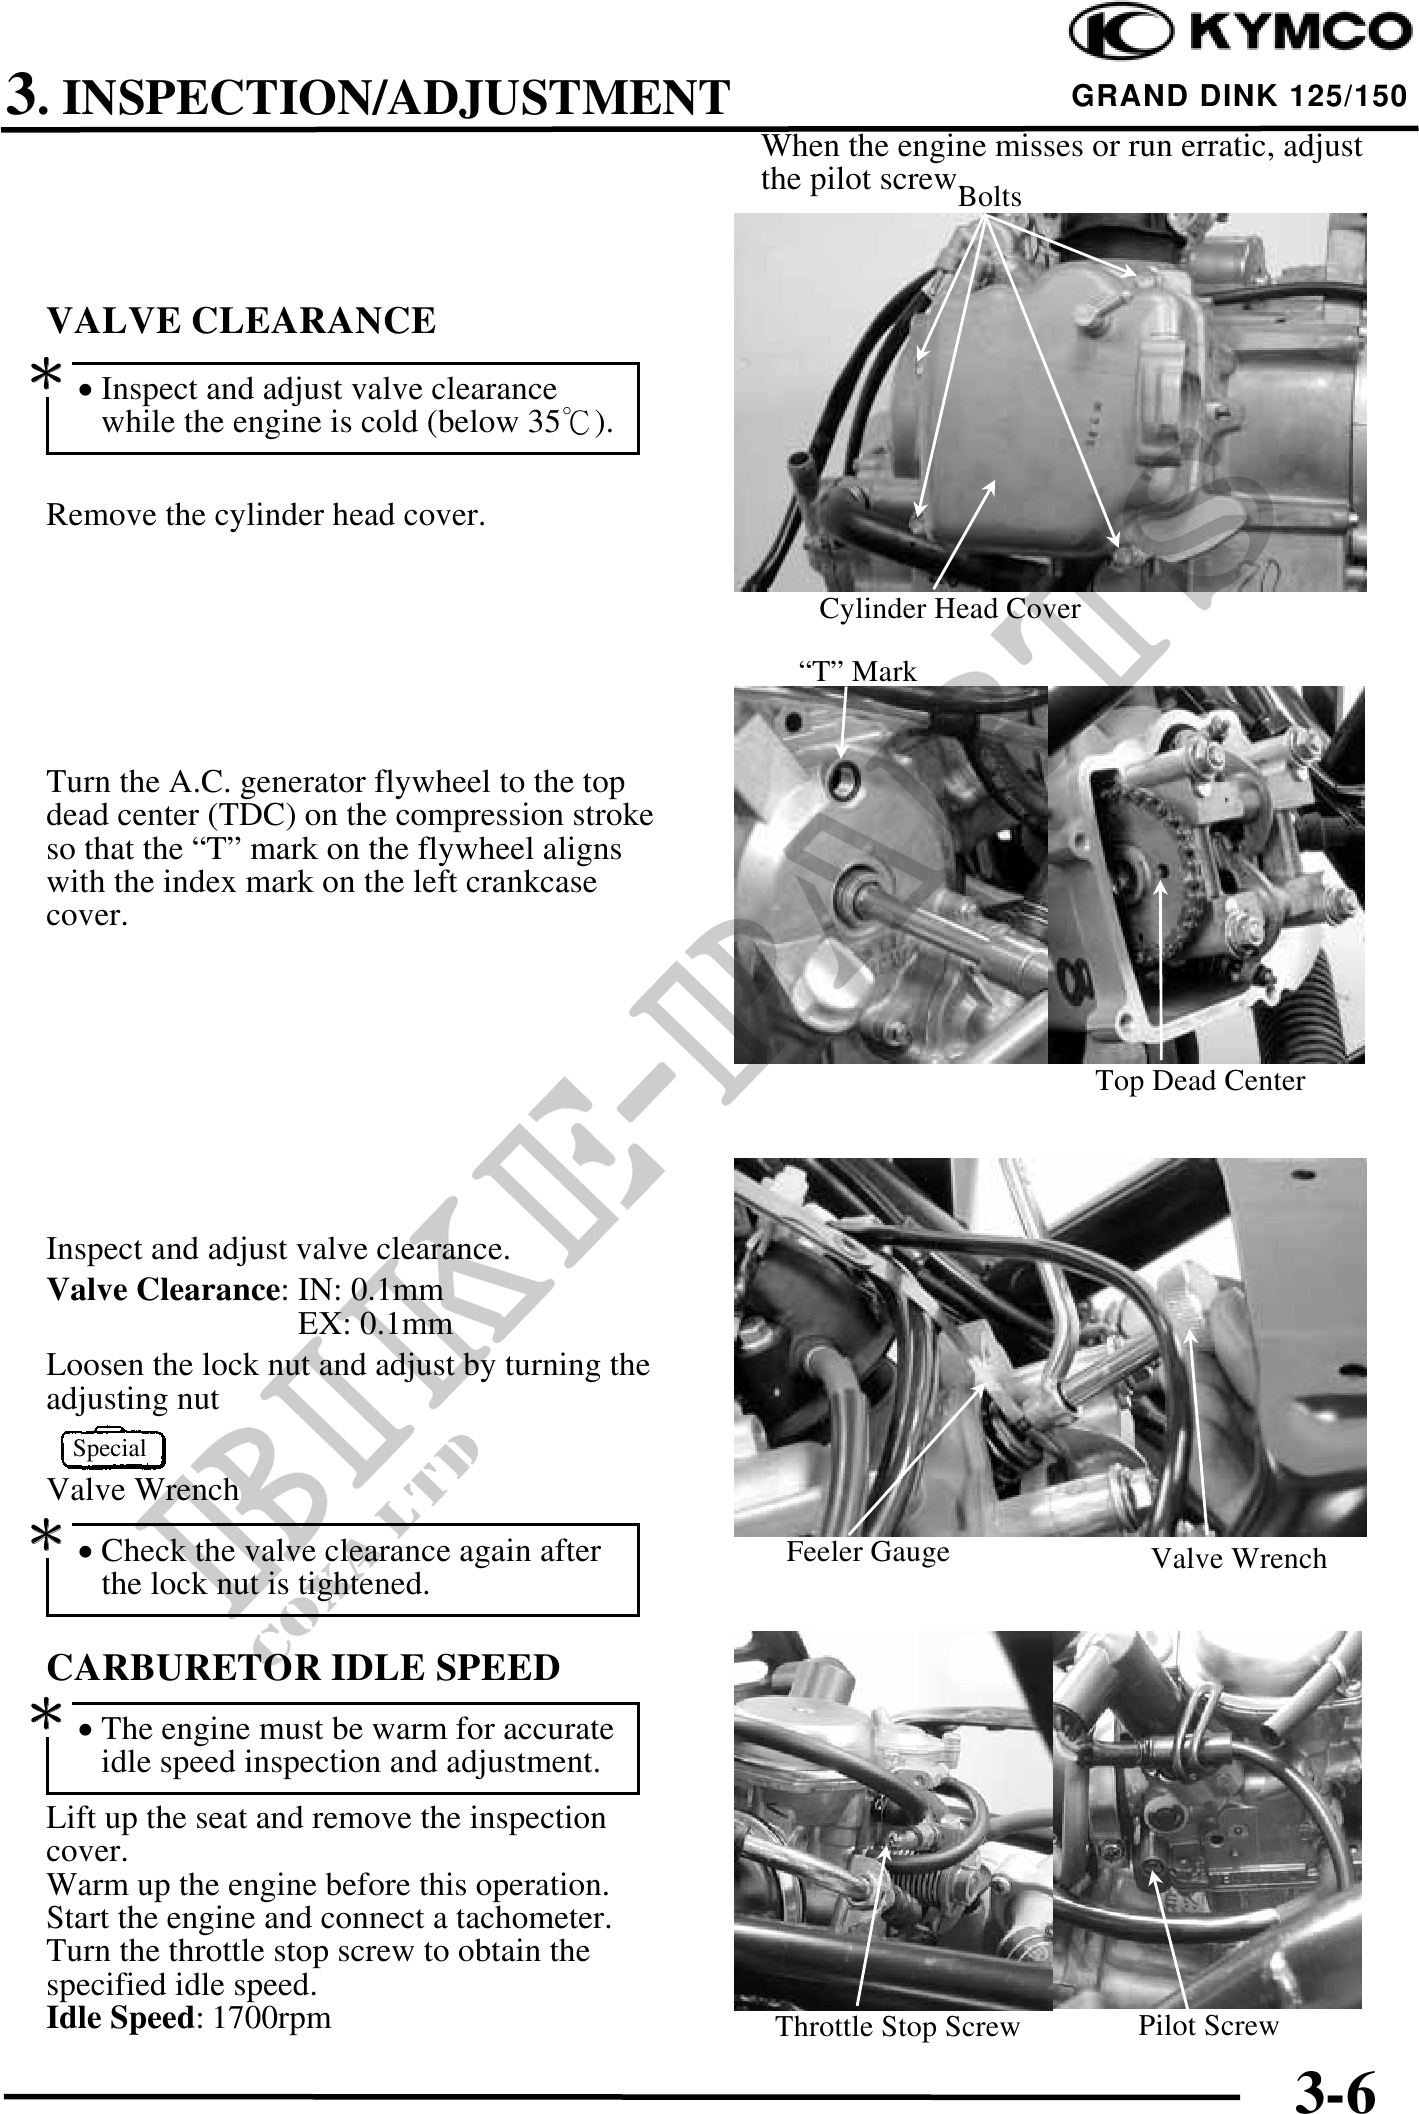 grand dink 125 mmc 2 Manual-de-taller : Pagina 47